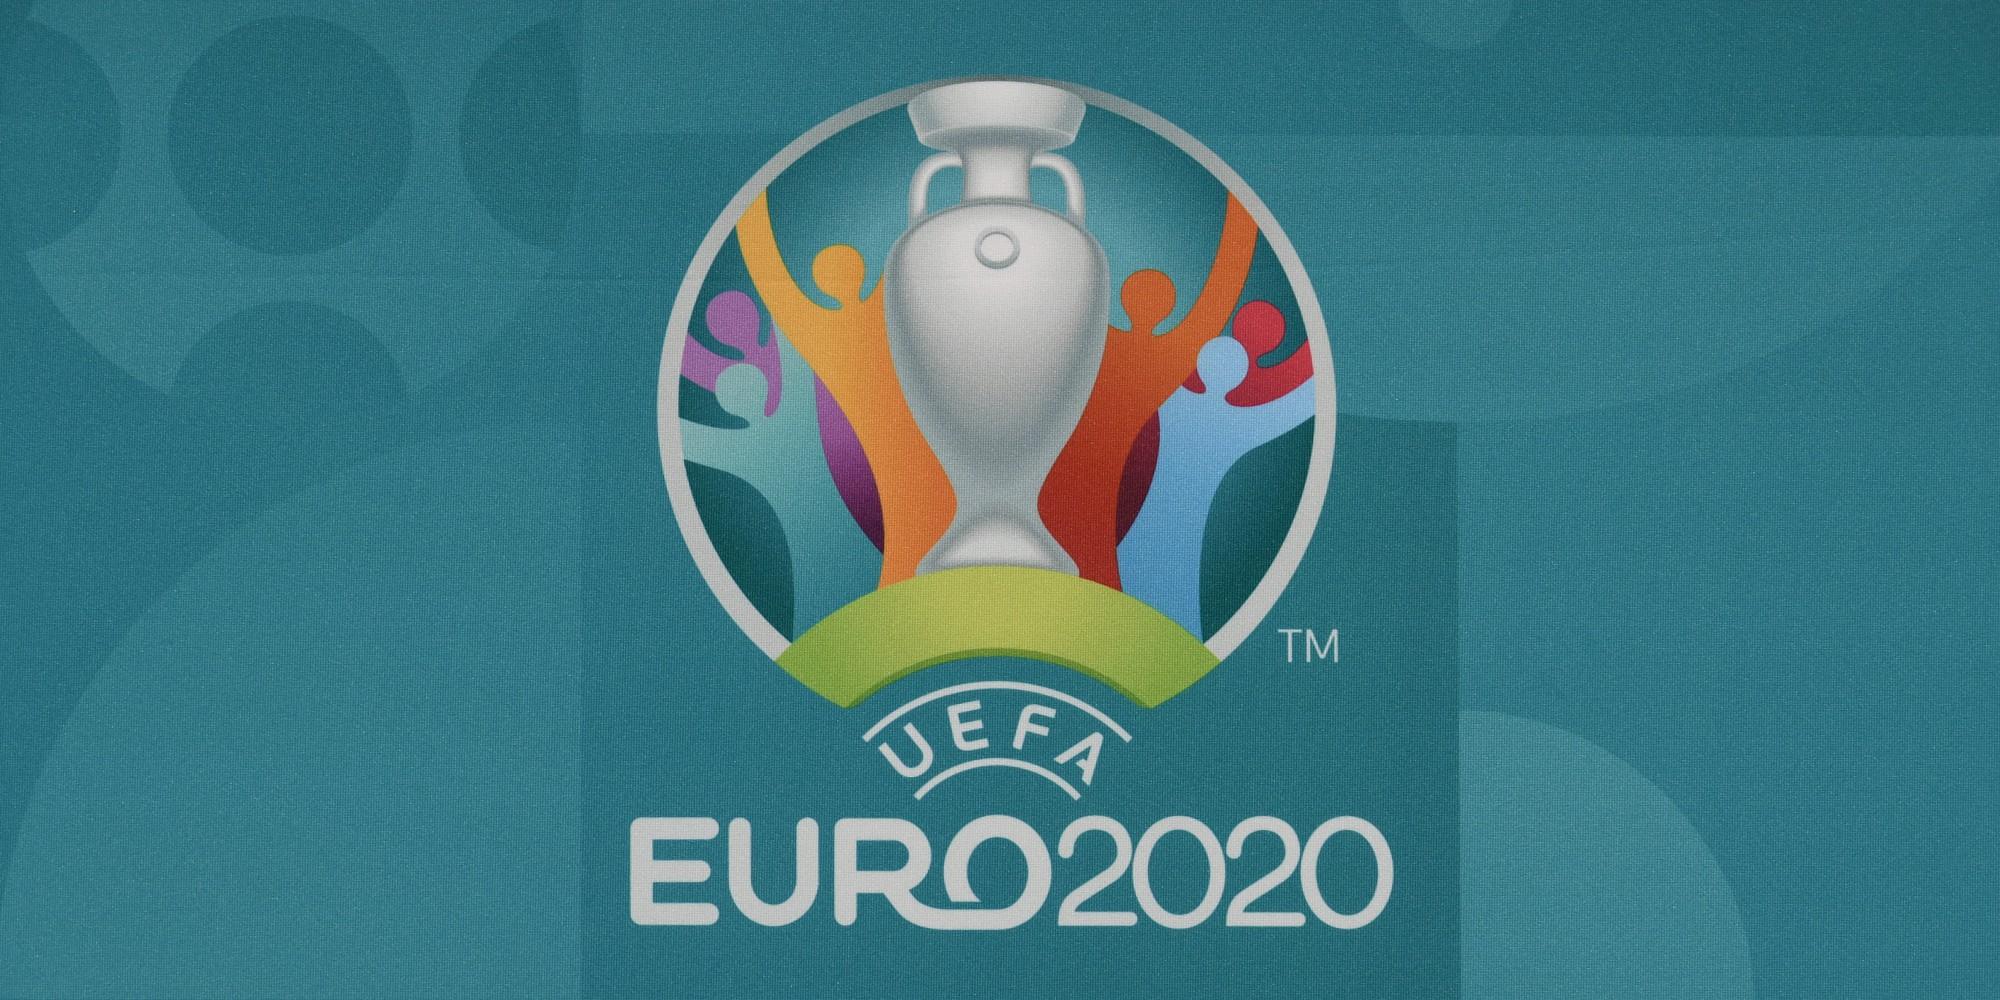 La deuxième journée de l'Euro 2020 démarre ce mercredi